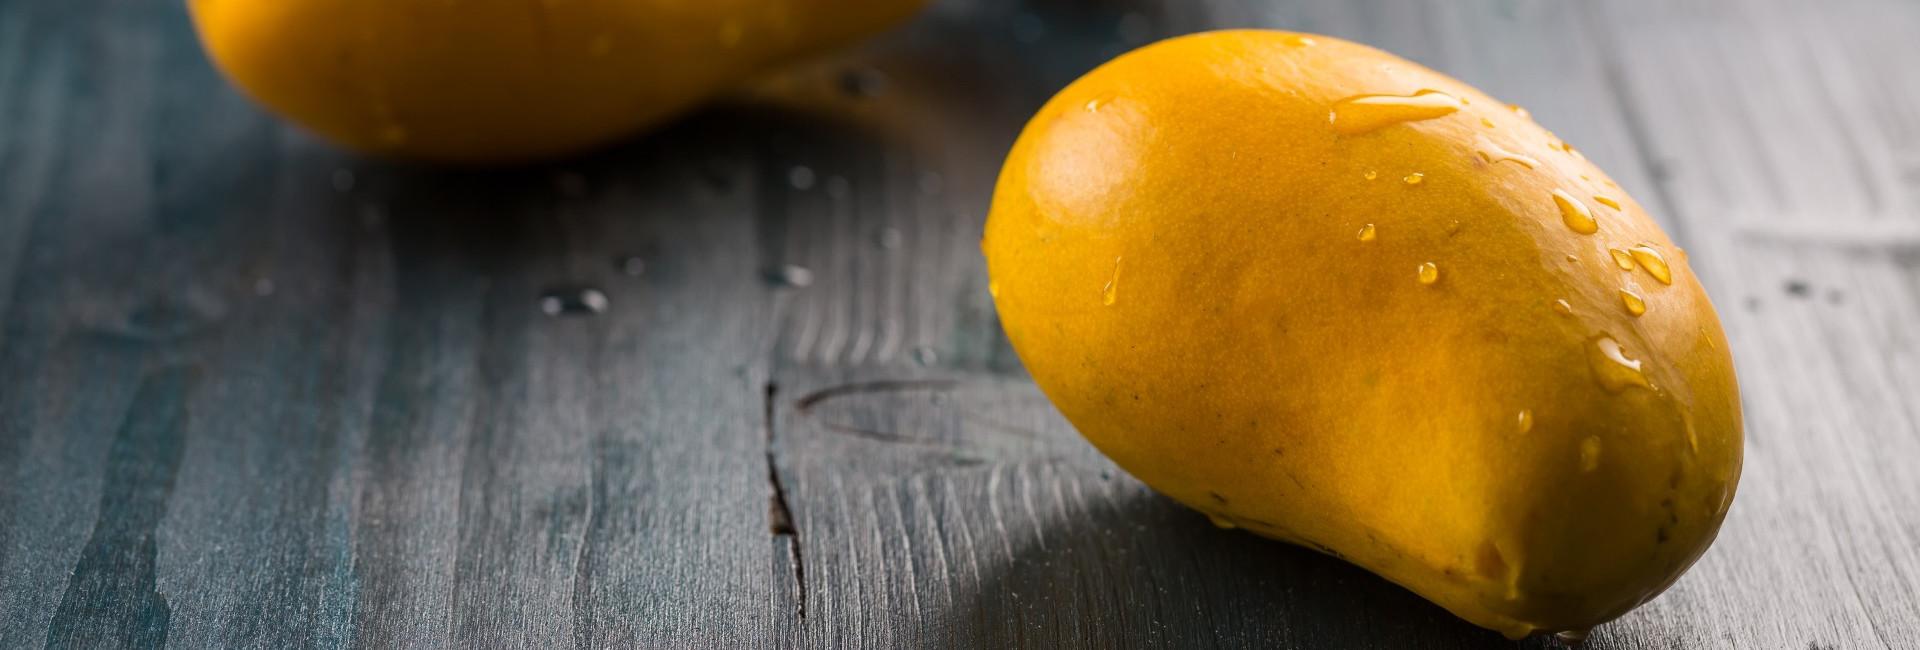 What's the Mango Ethylene Ripener ?